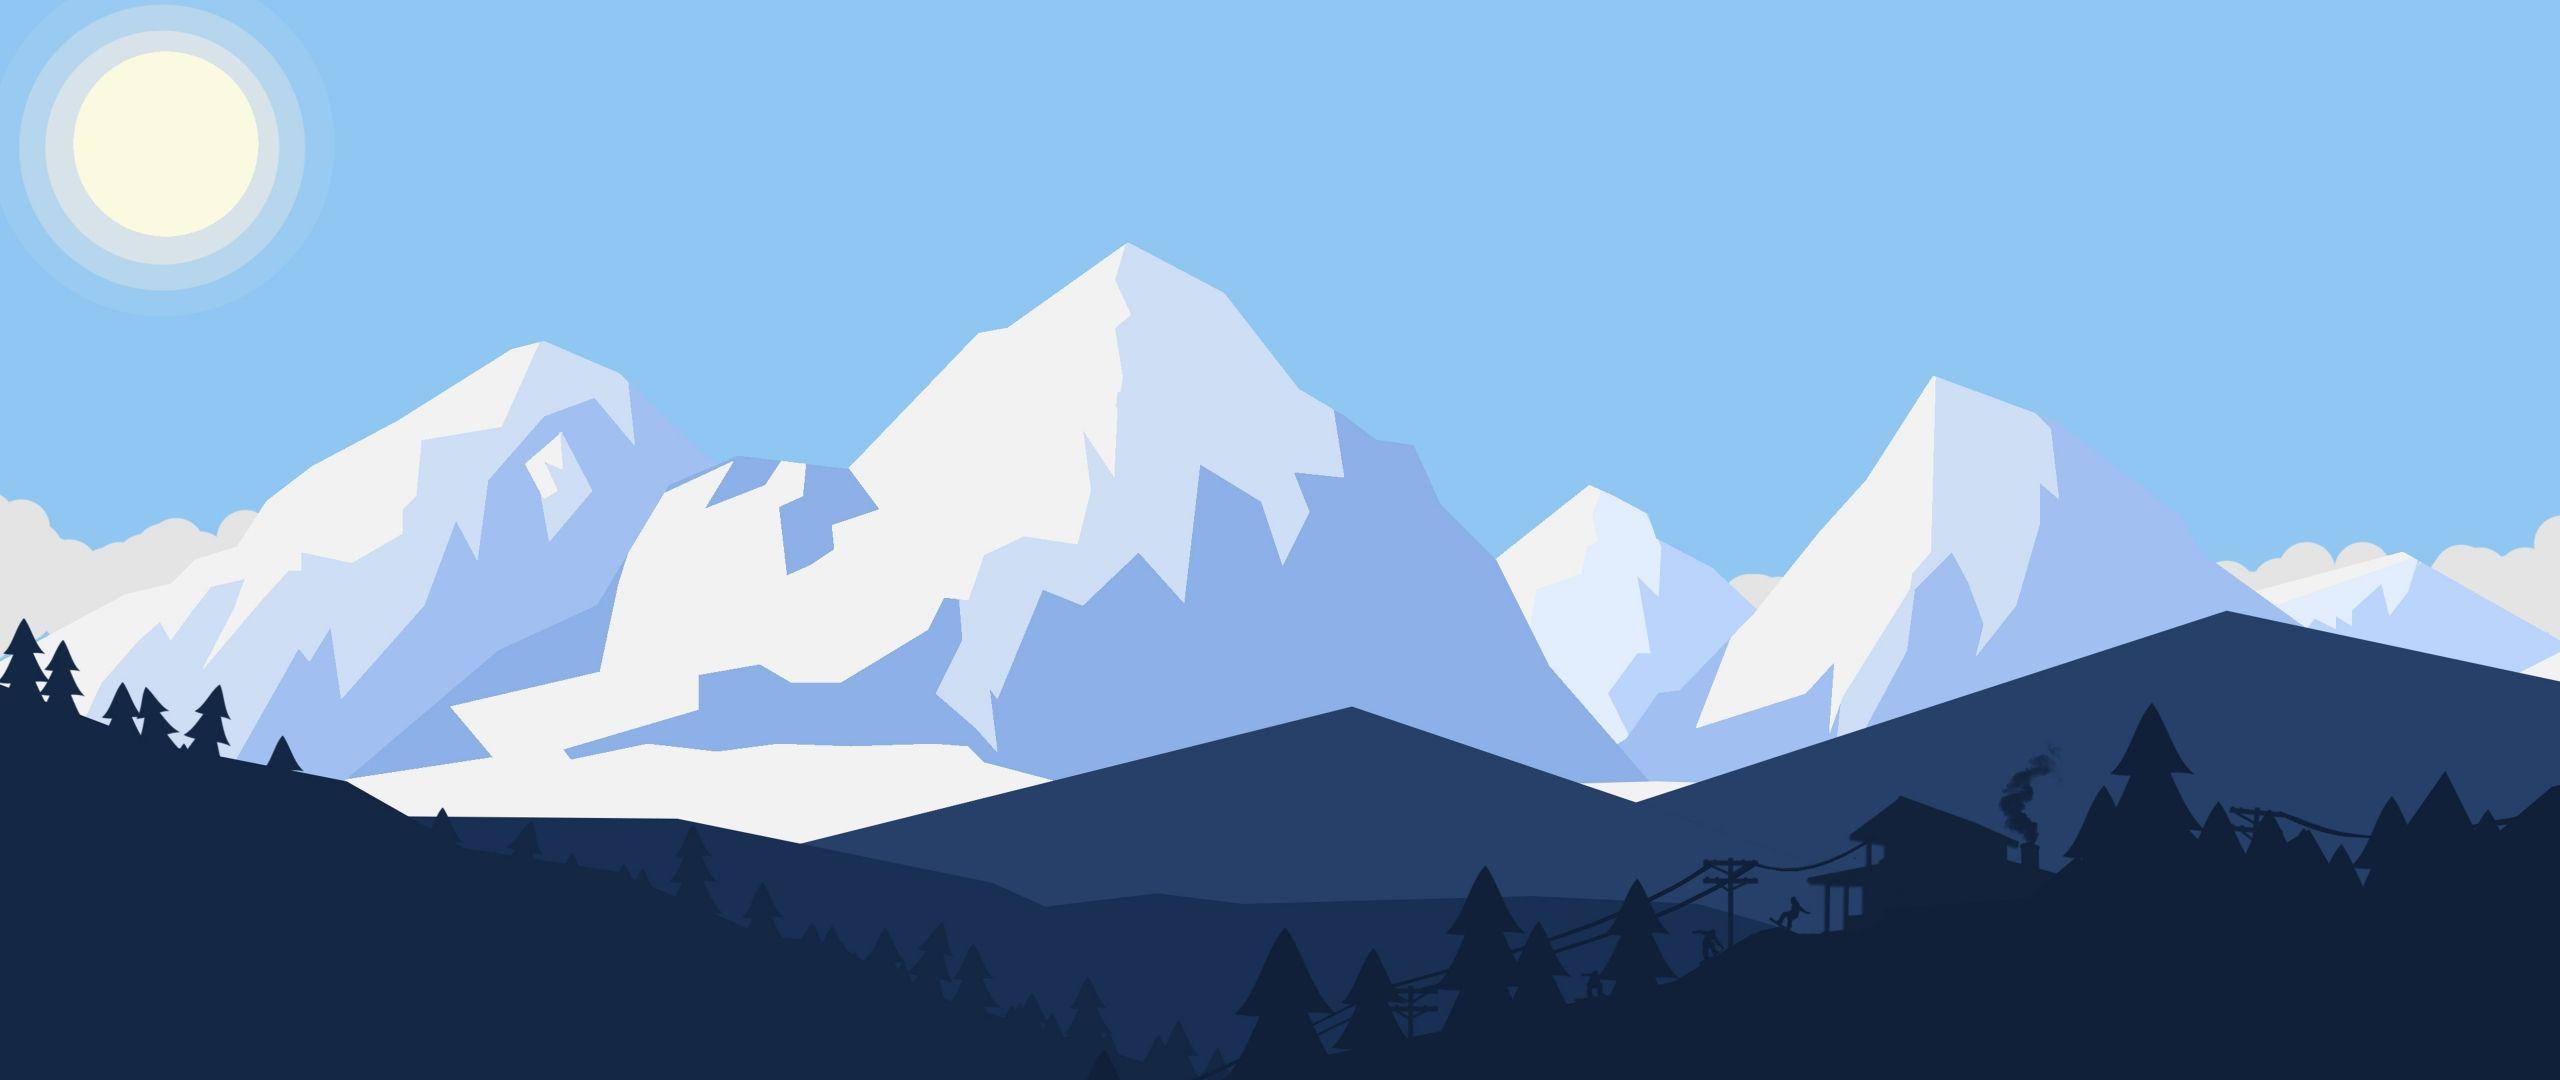 2560x1080 Tải xuống Phong cảnh tuyết mùa đông Tối giản 8k Rộng kép